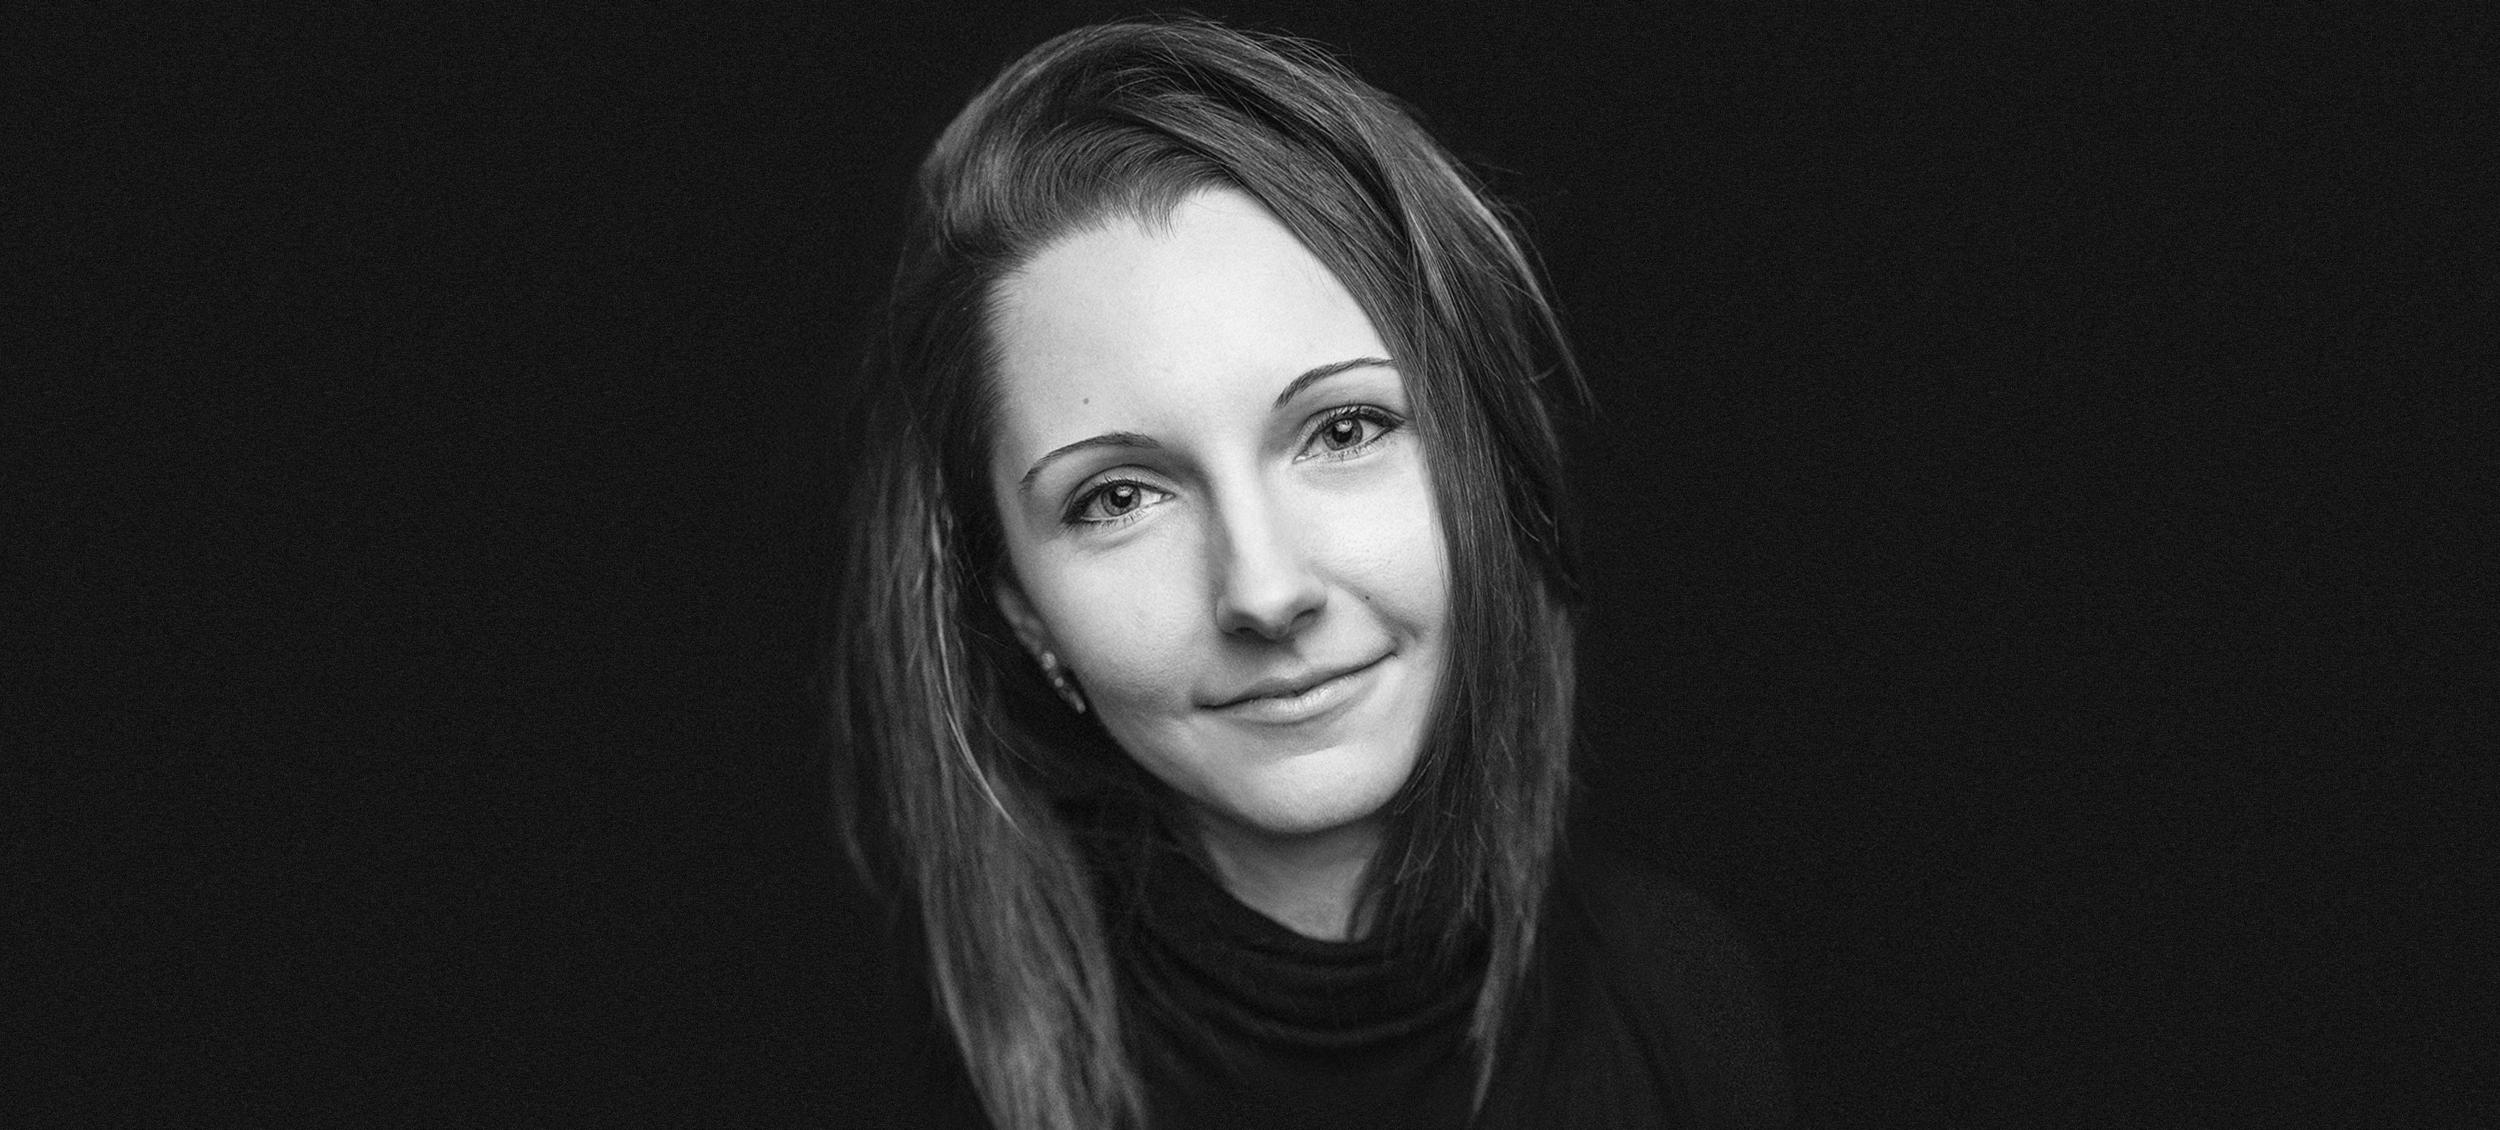 IrynaNezhynska-headshot